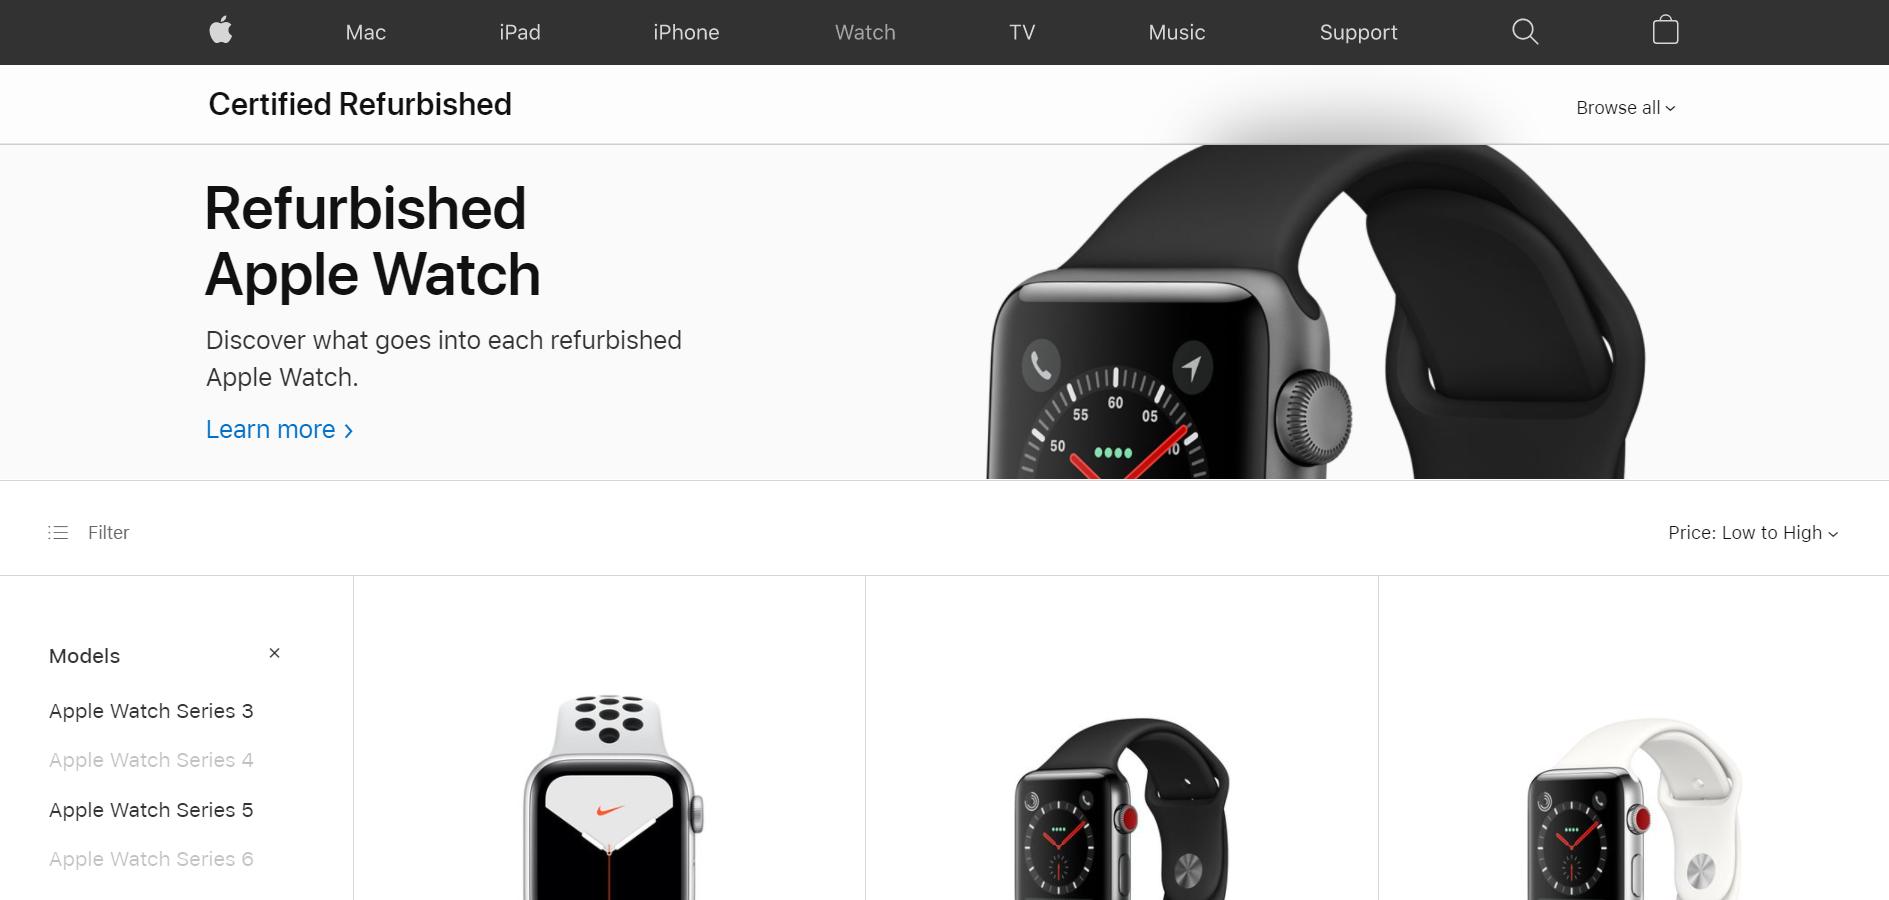 Screenshot of refurbished Apple watch series 3 and refurbished Apple watch series 5 product page of Apple Store online